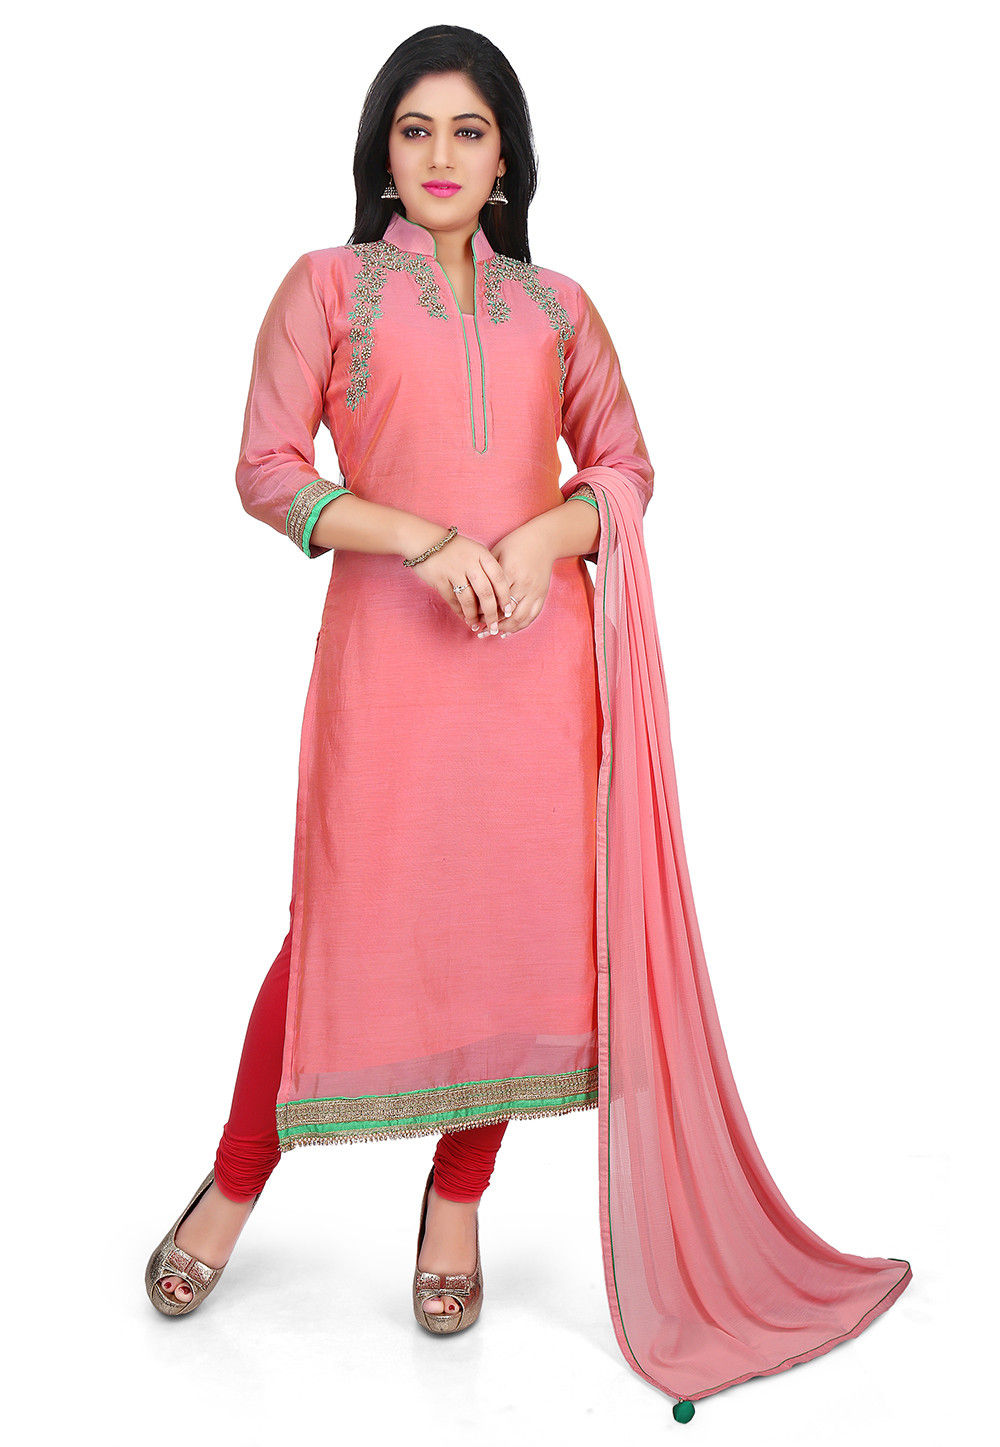 Hand Embroidered Neckline Chanderi Cotton Straight Suit in Peach